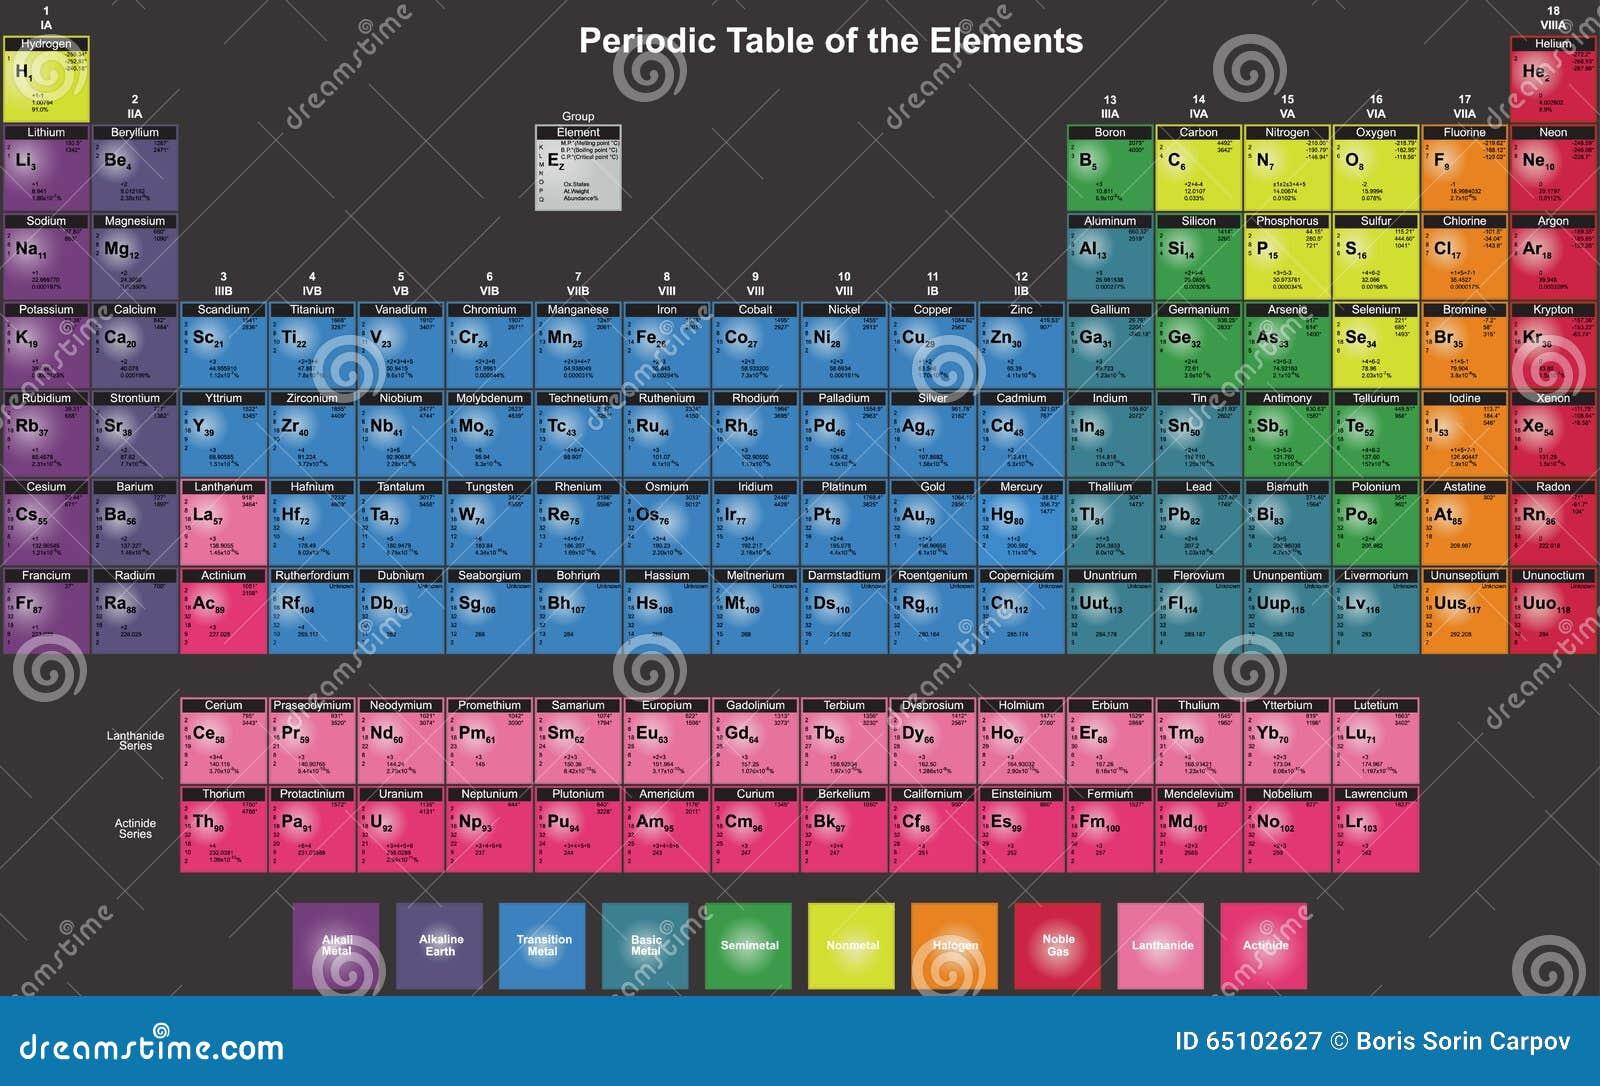 Tabla peridica de elementos qumicos en ingls ilustracin del tabla peridica de elementos qumicos en ingls urtaz Image collections